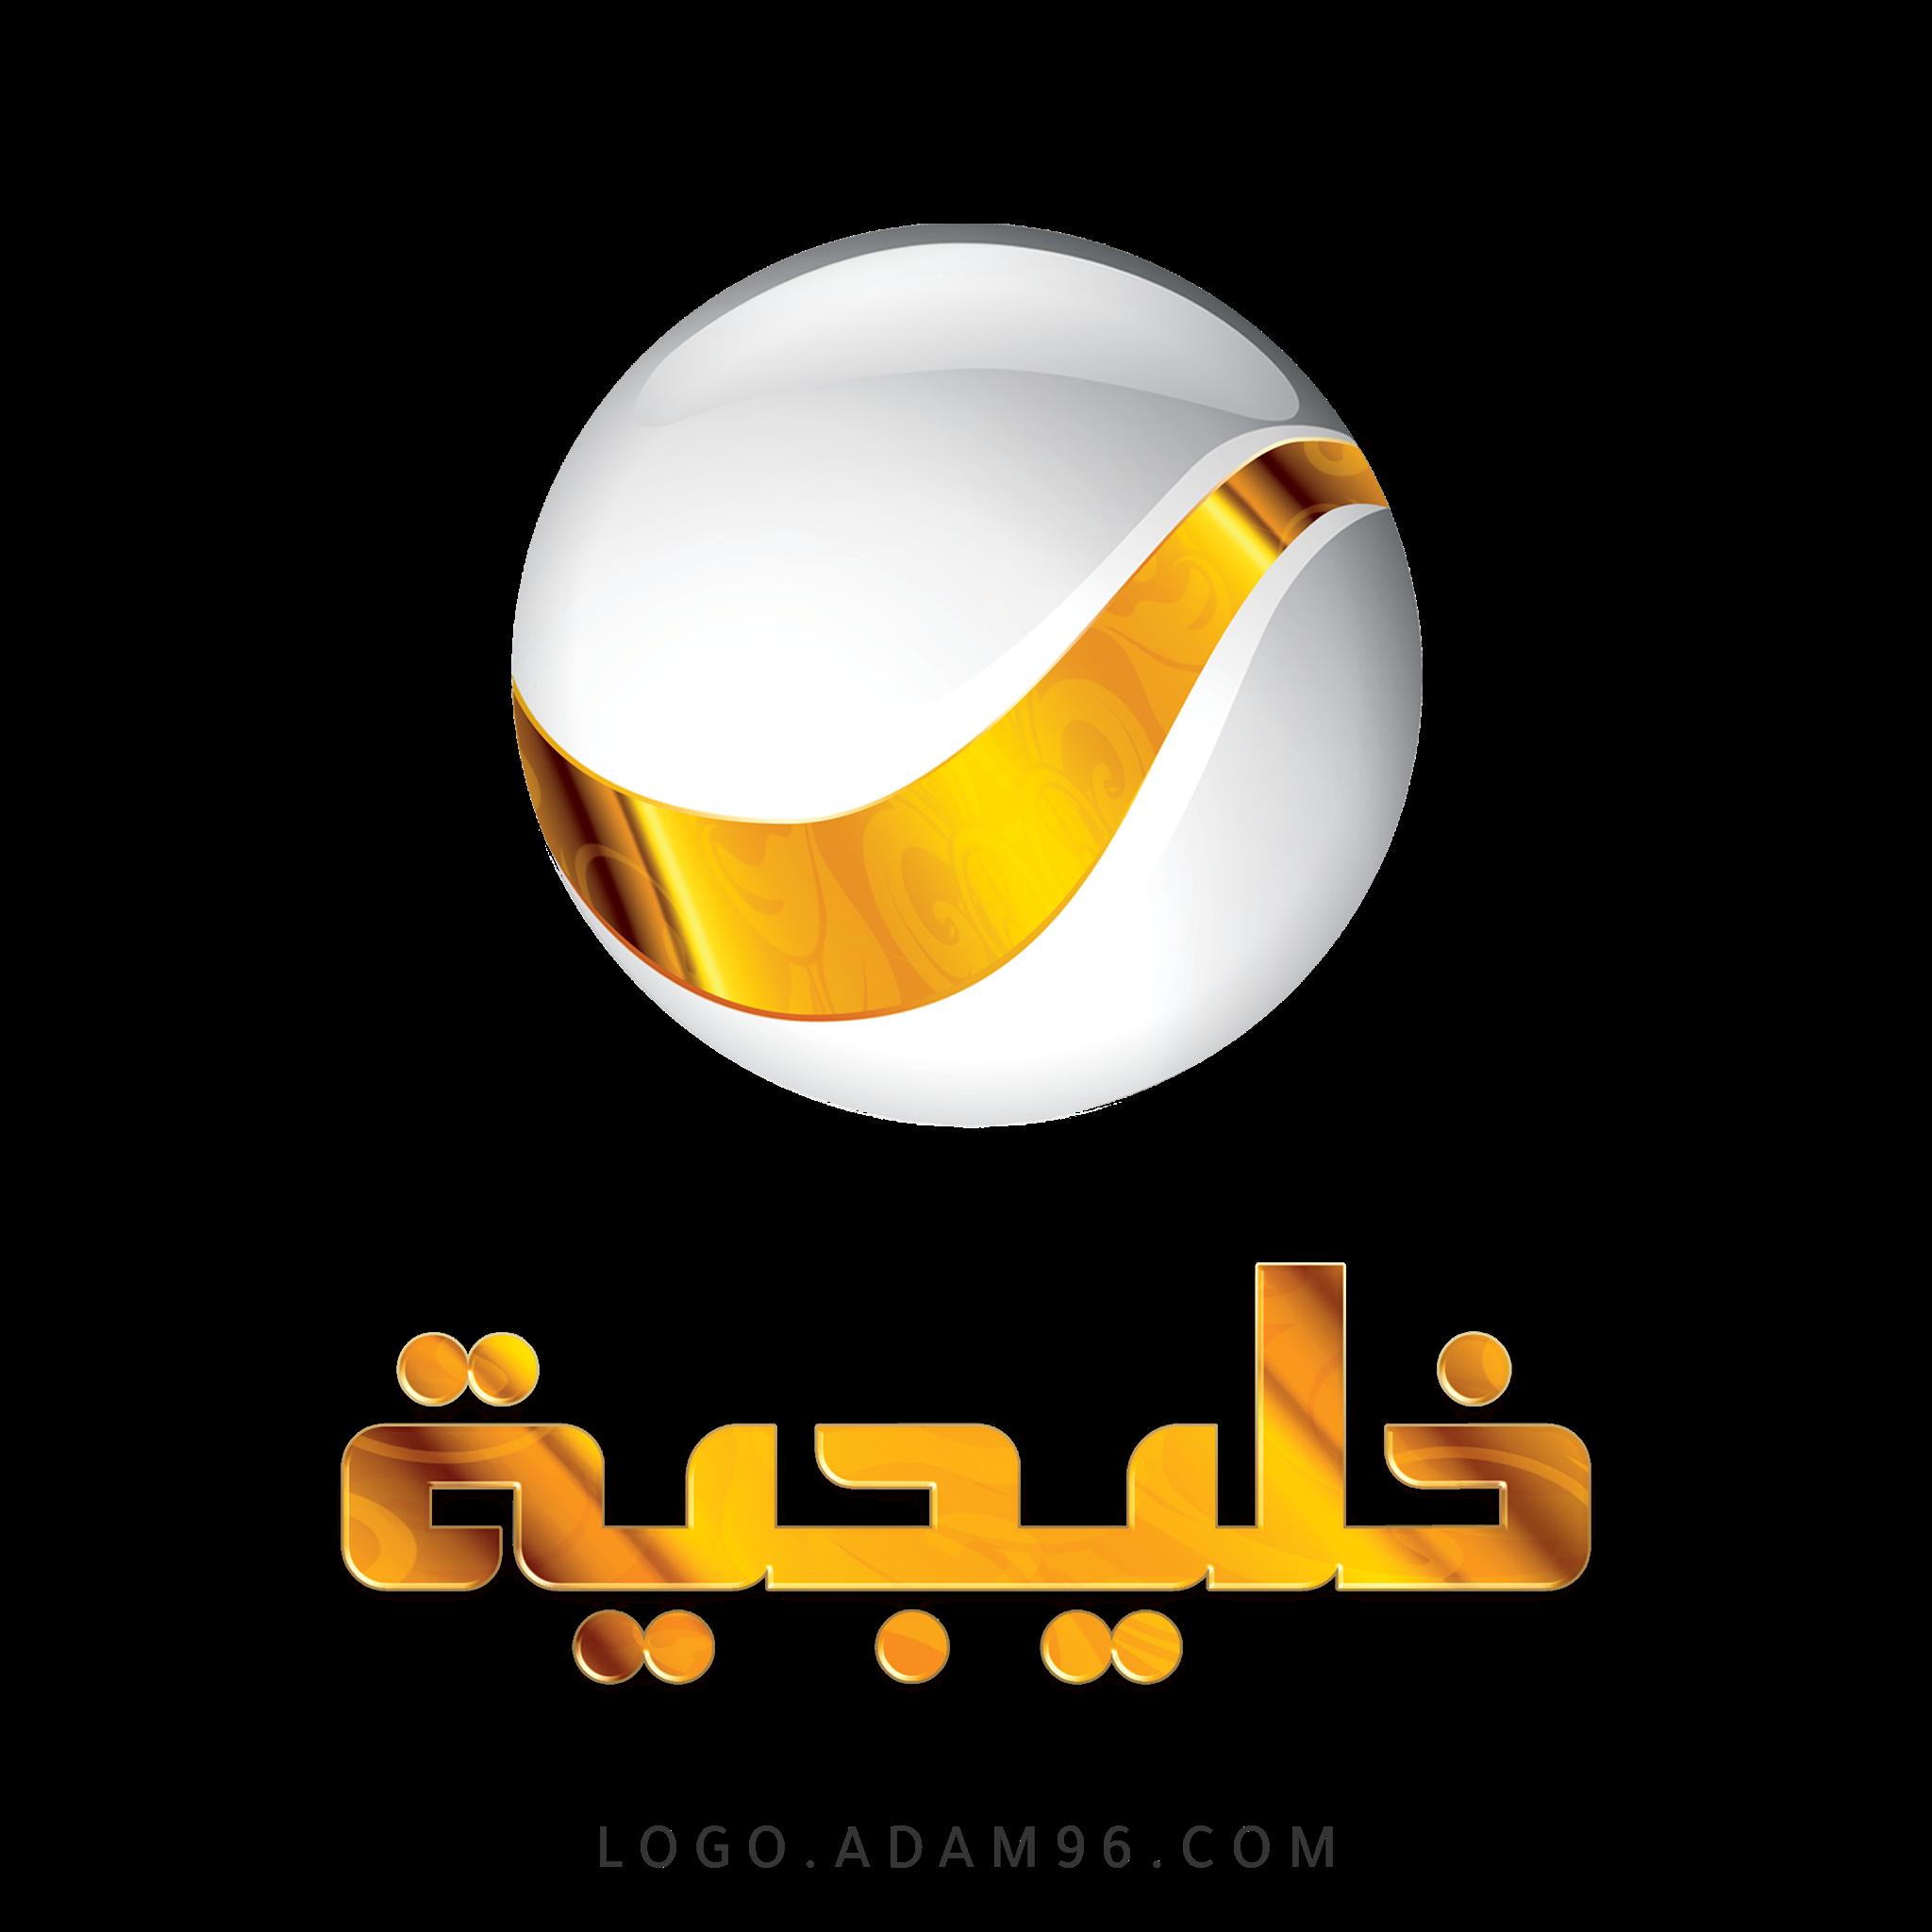 تحميل شعار قناة روتانا خليجية لوجو رسمي عالي الجودة PNG